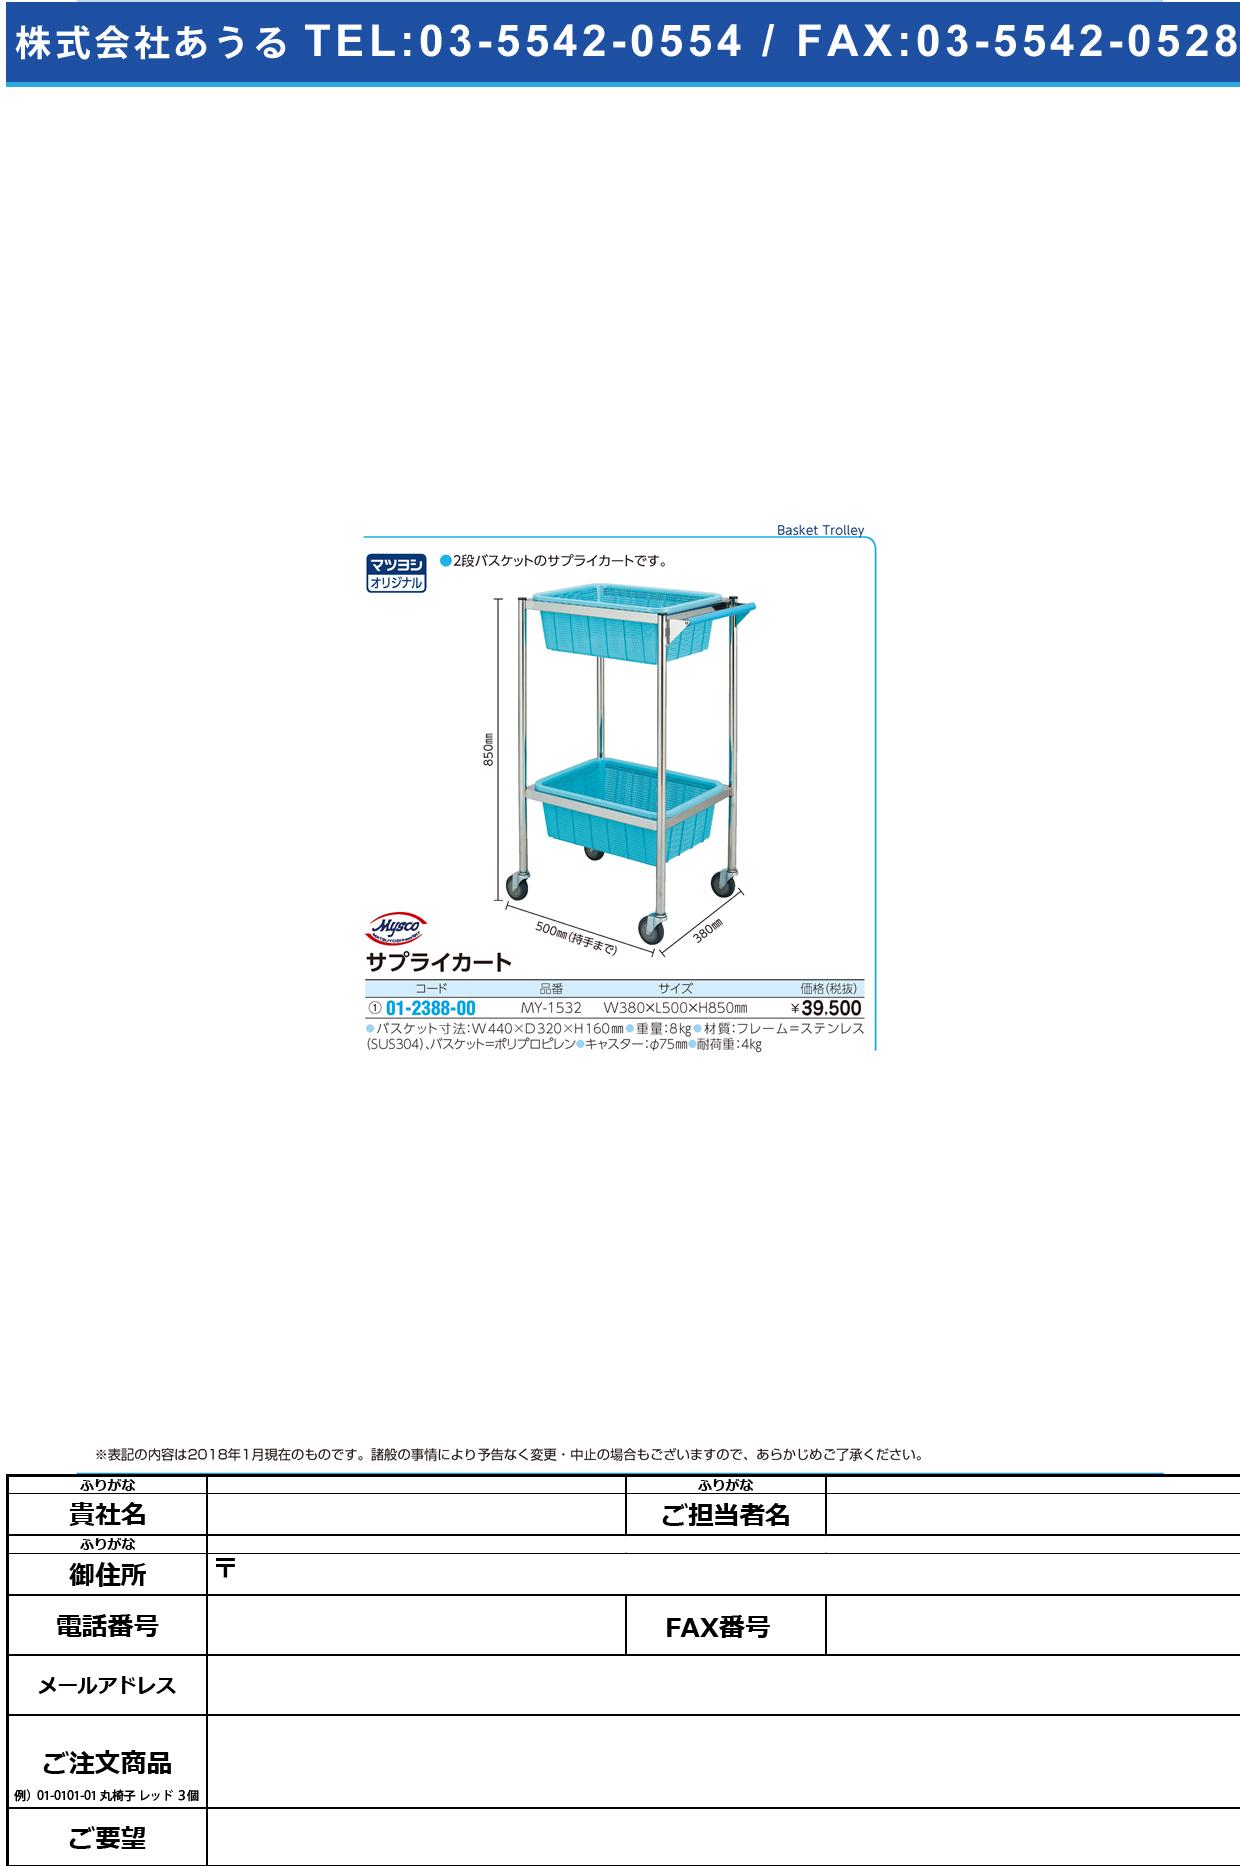 (01-2388-00)サプライカート MY-1532(68X38X93CM) サプライカート【1台単位】【2018年カタログ商品】